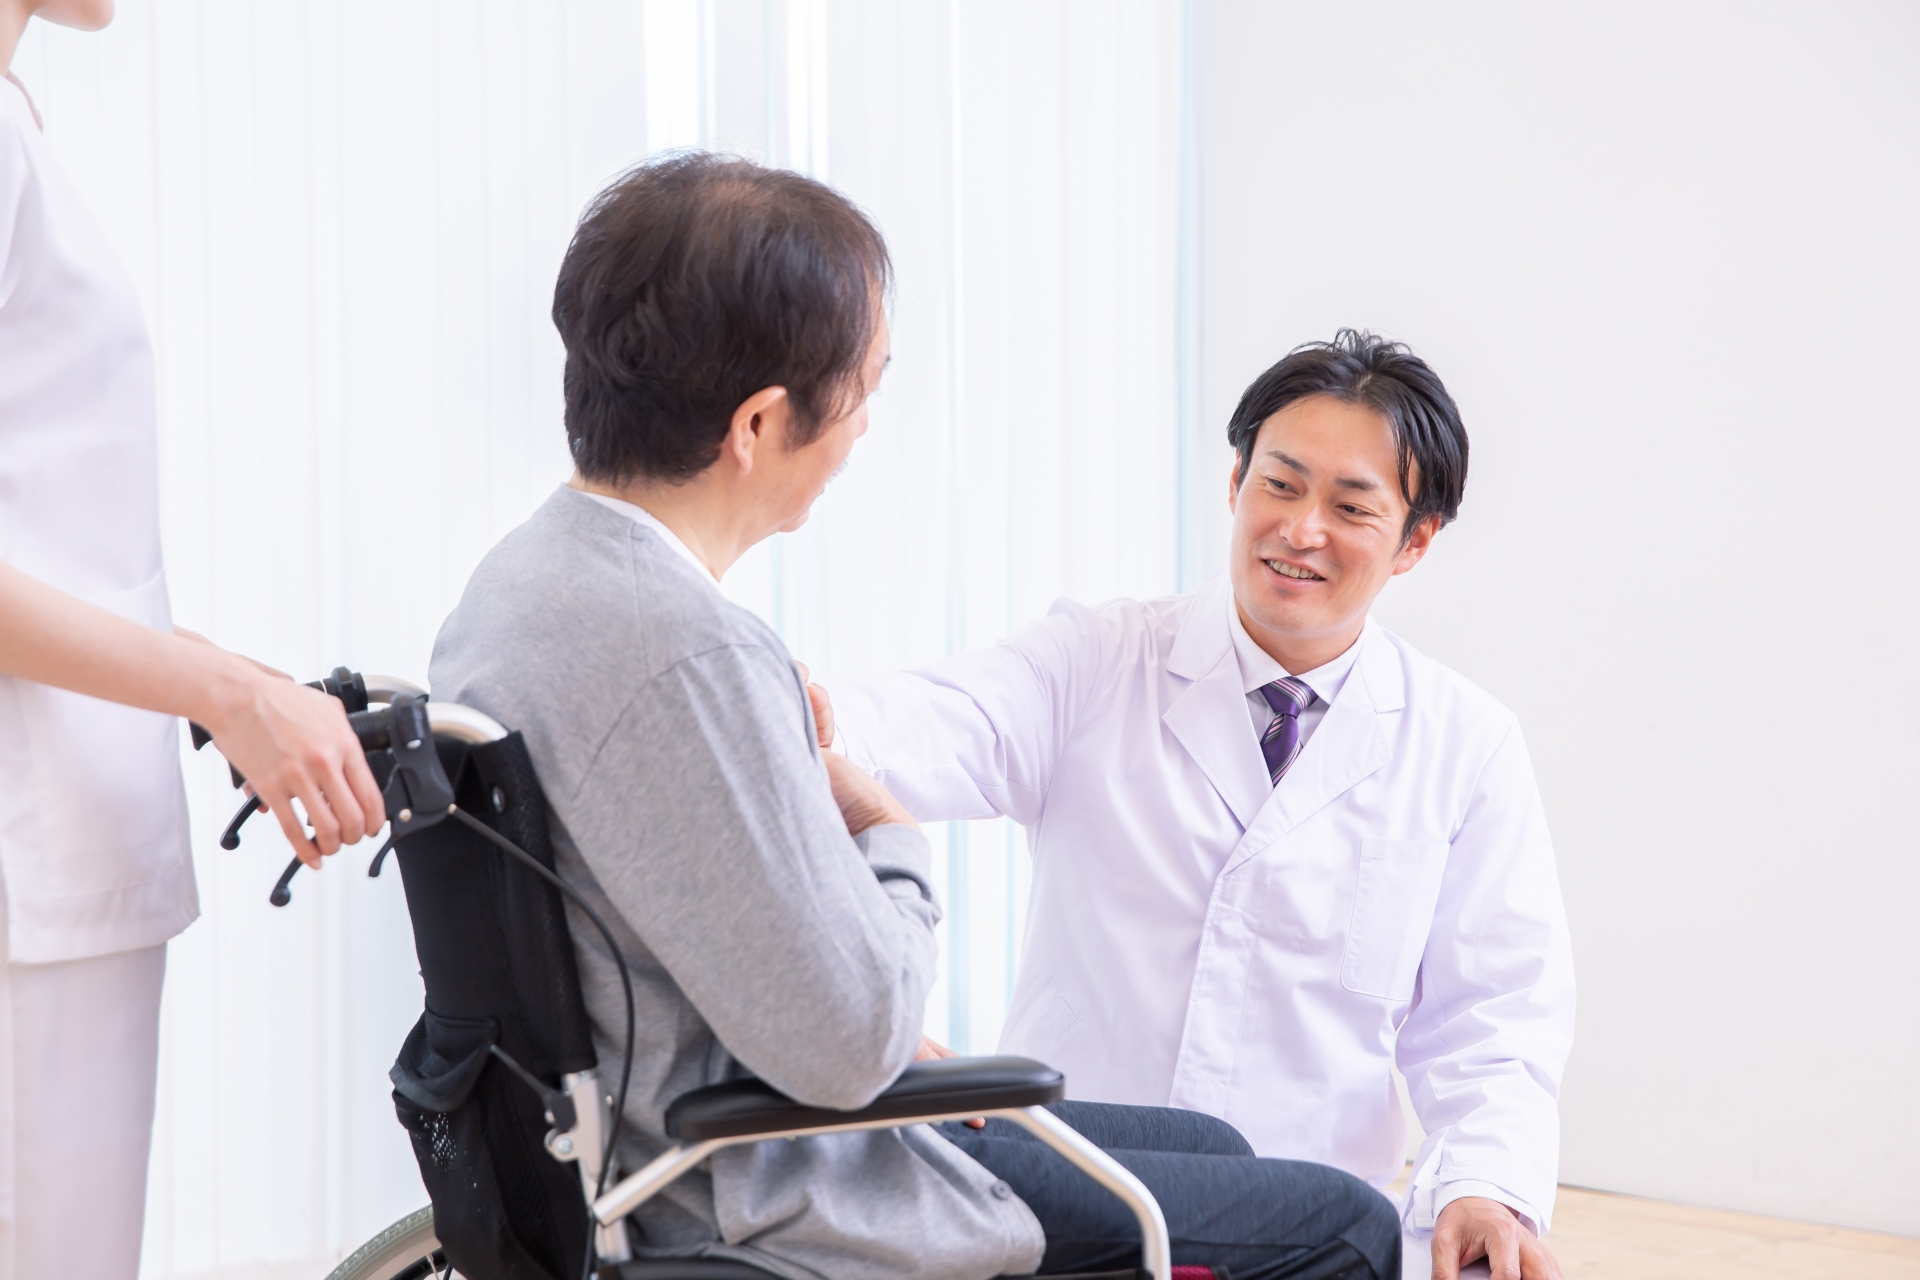 男性医師と診療を受ける認知症患者の写真